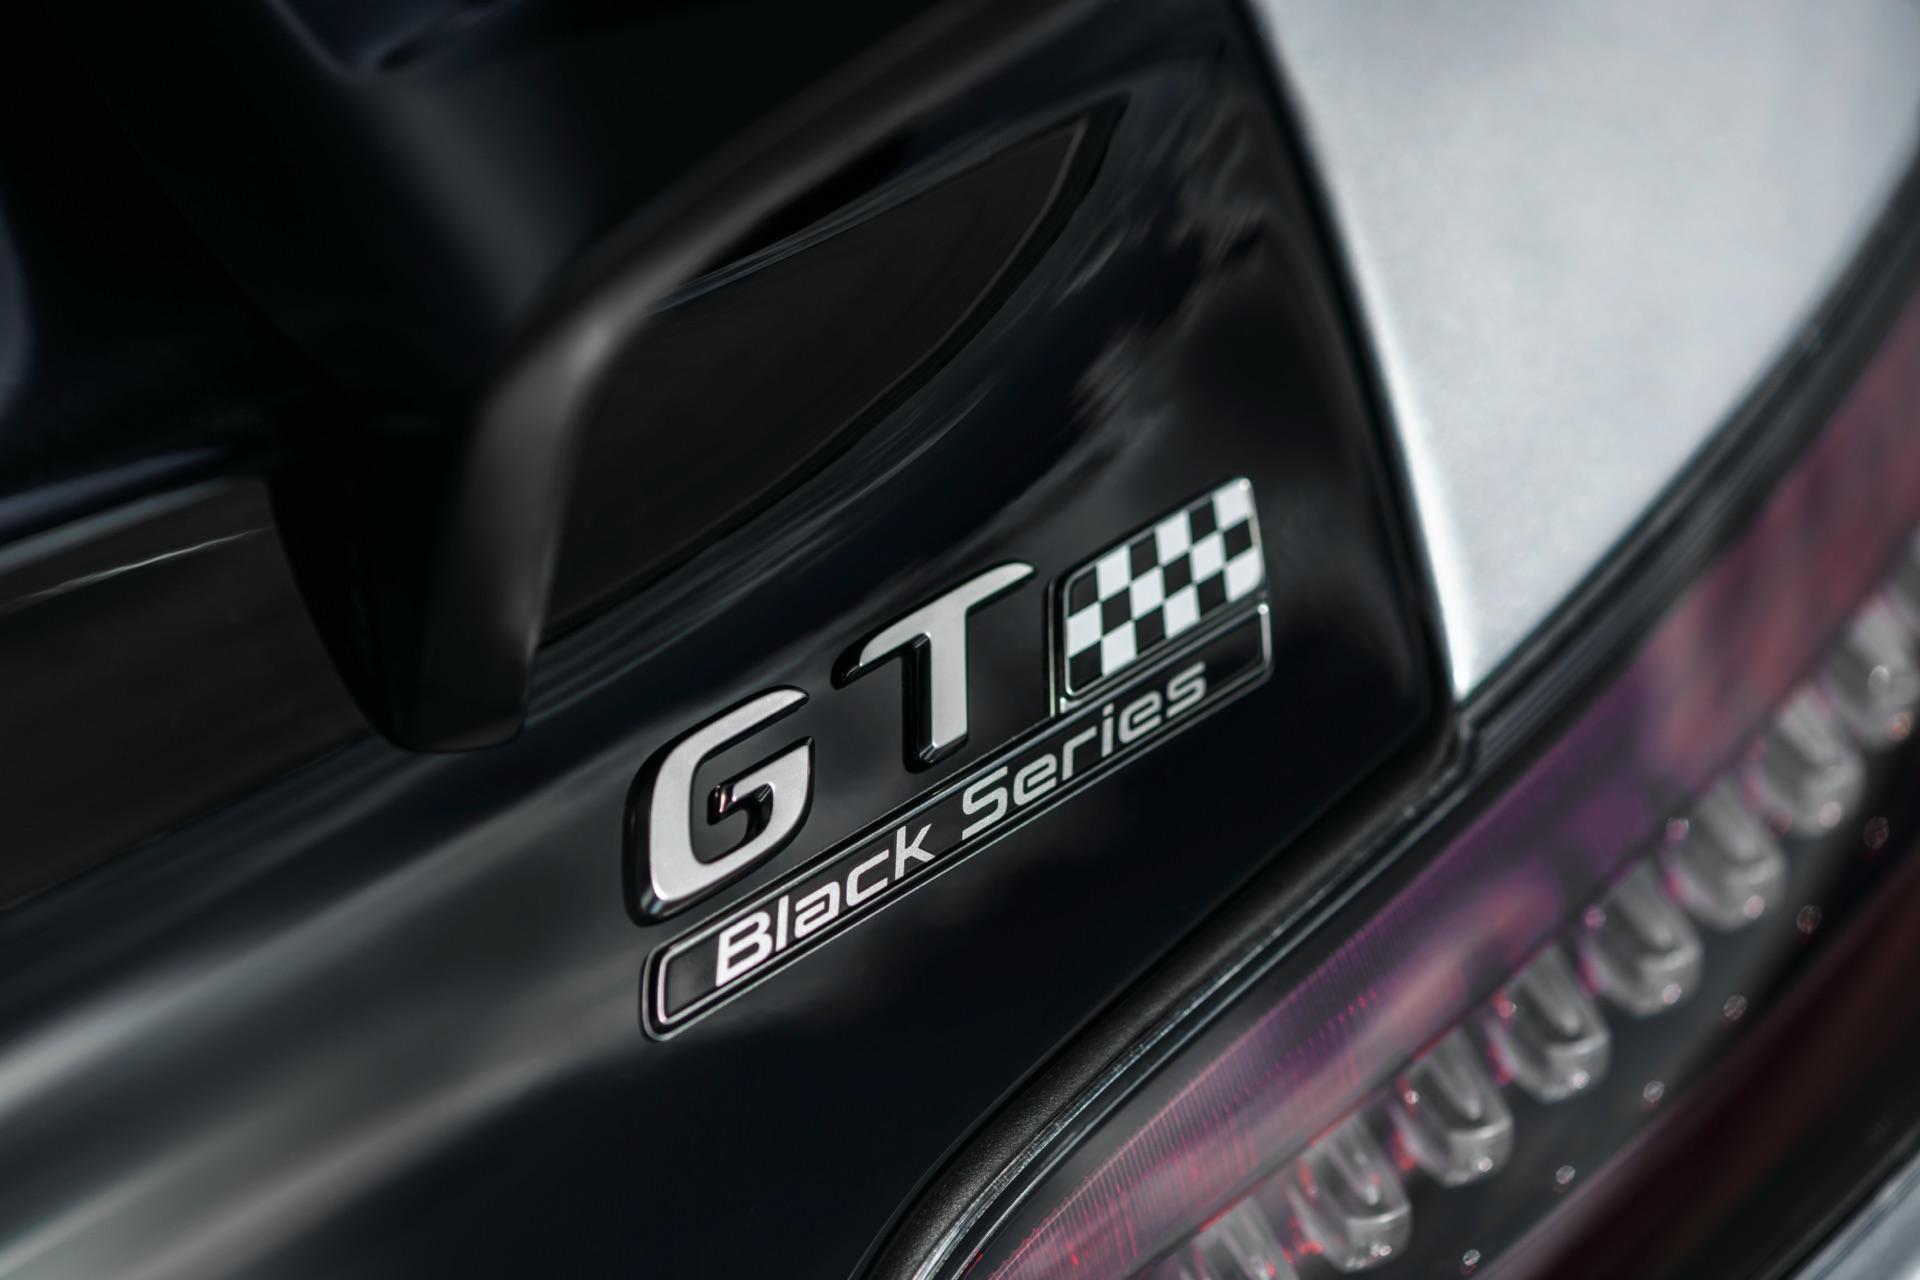 Mercedes-AMG GT Black Series Badge